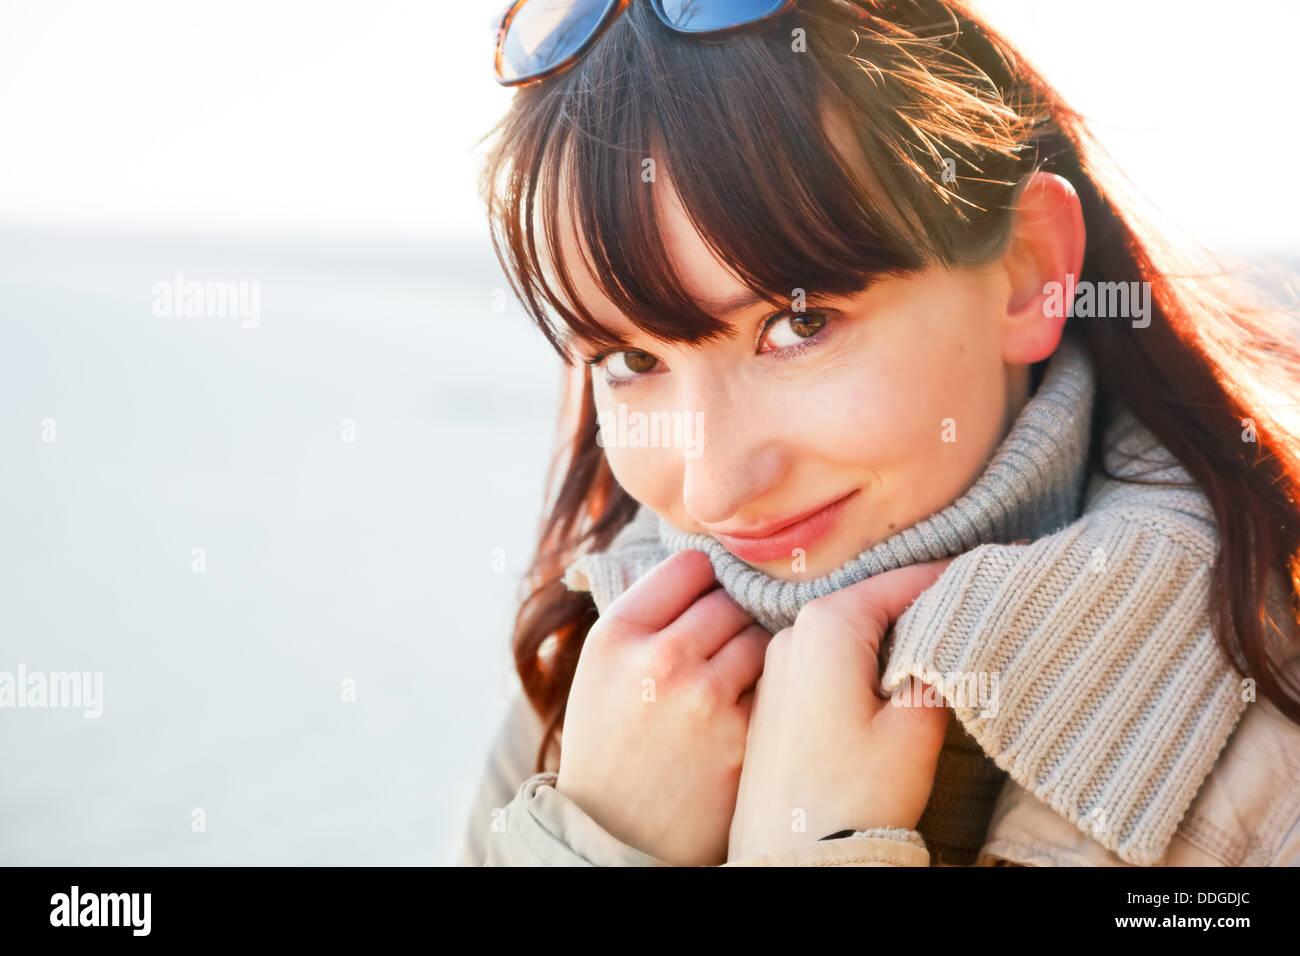 Porträt einer schönen jungen Frau stehen am Meer an einem sonnigen Tag im winter Stockbild